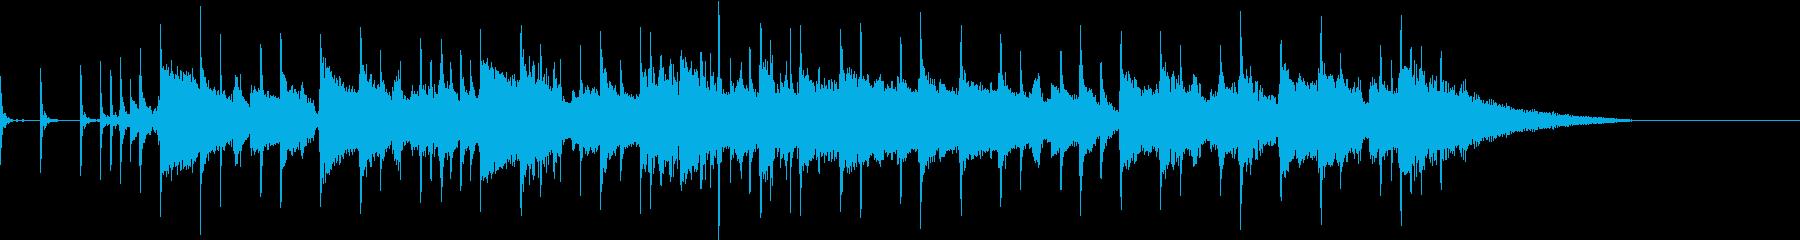 バウンドサウンド邦ロック風OP用BGMの再生済みの波形